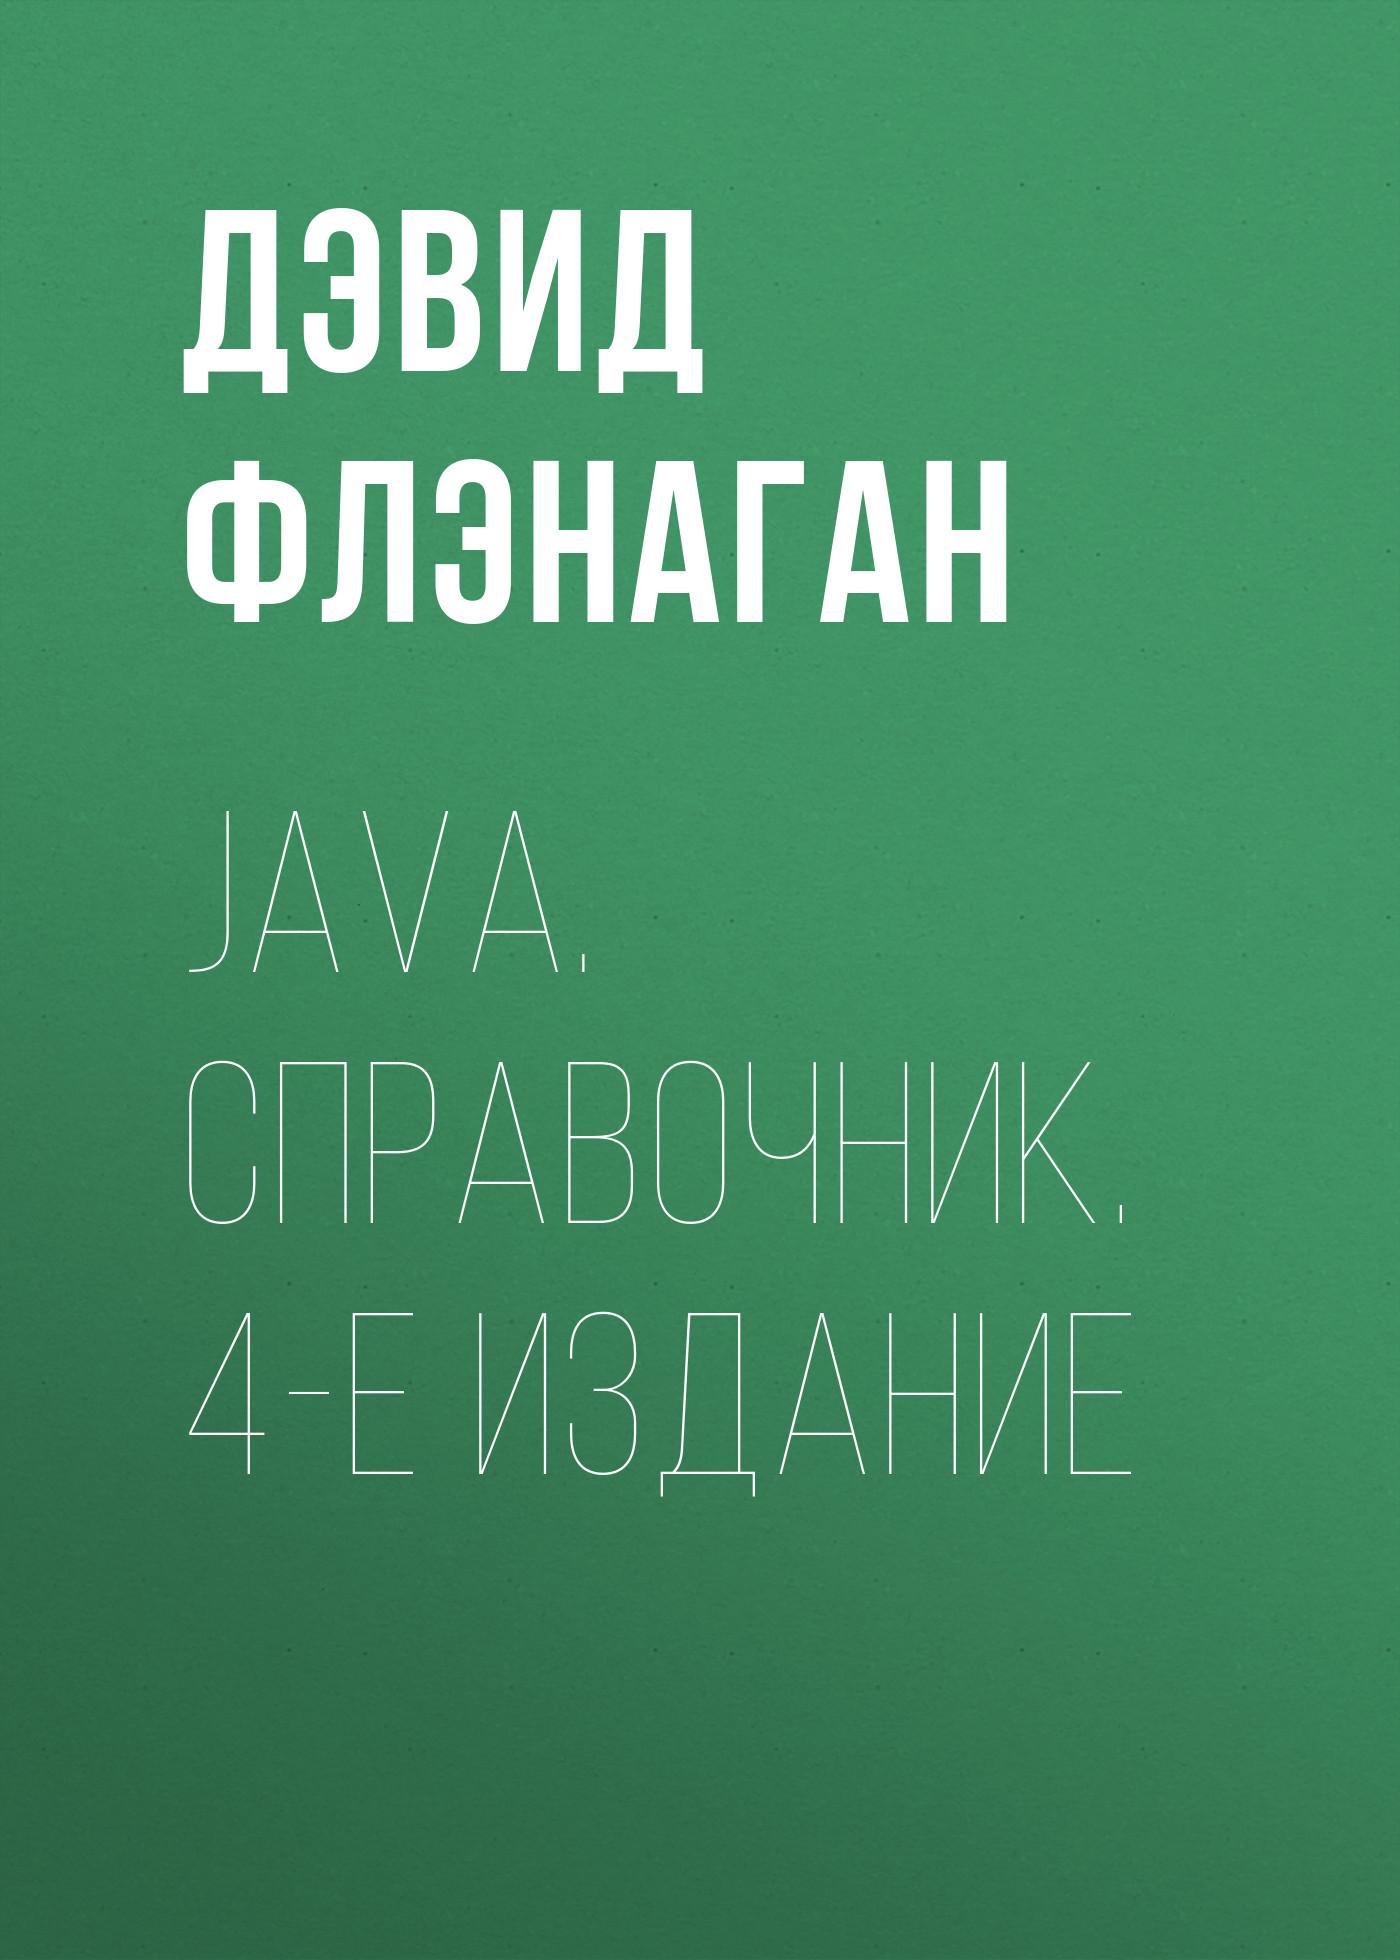 Дэвид Флэнаган Java. Справочник. 4-е издание бретт мак лахлин java и xml 2 е издание